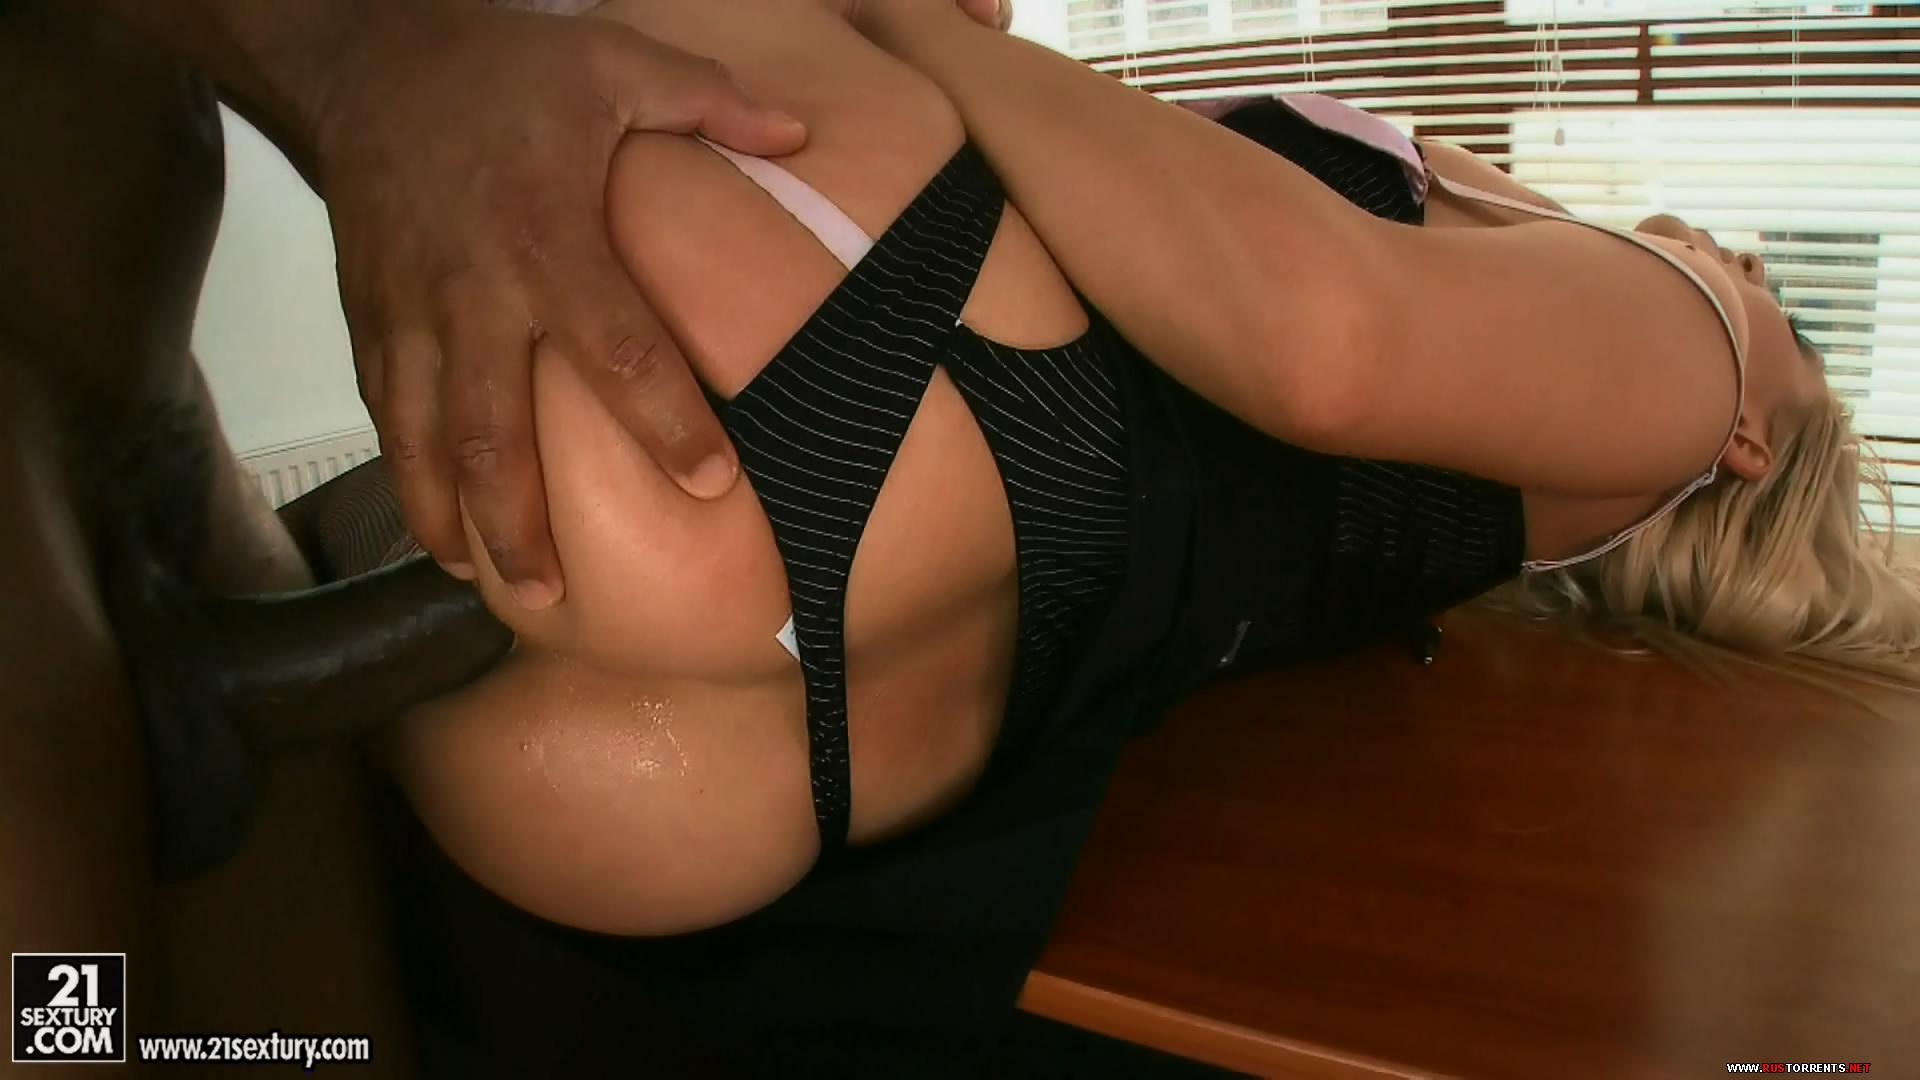 Скриншот 2:21Sextury - Lee Lexxus - Большой,черный... только в секси попку